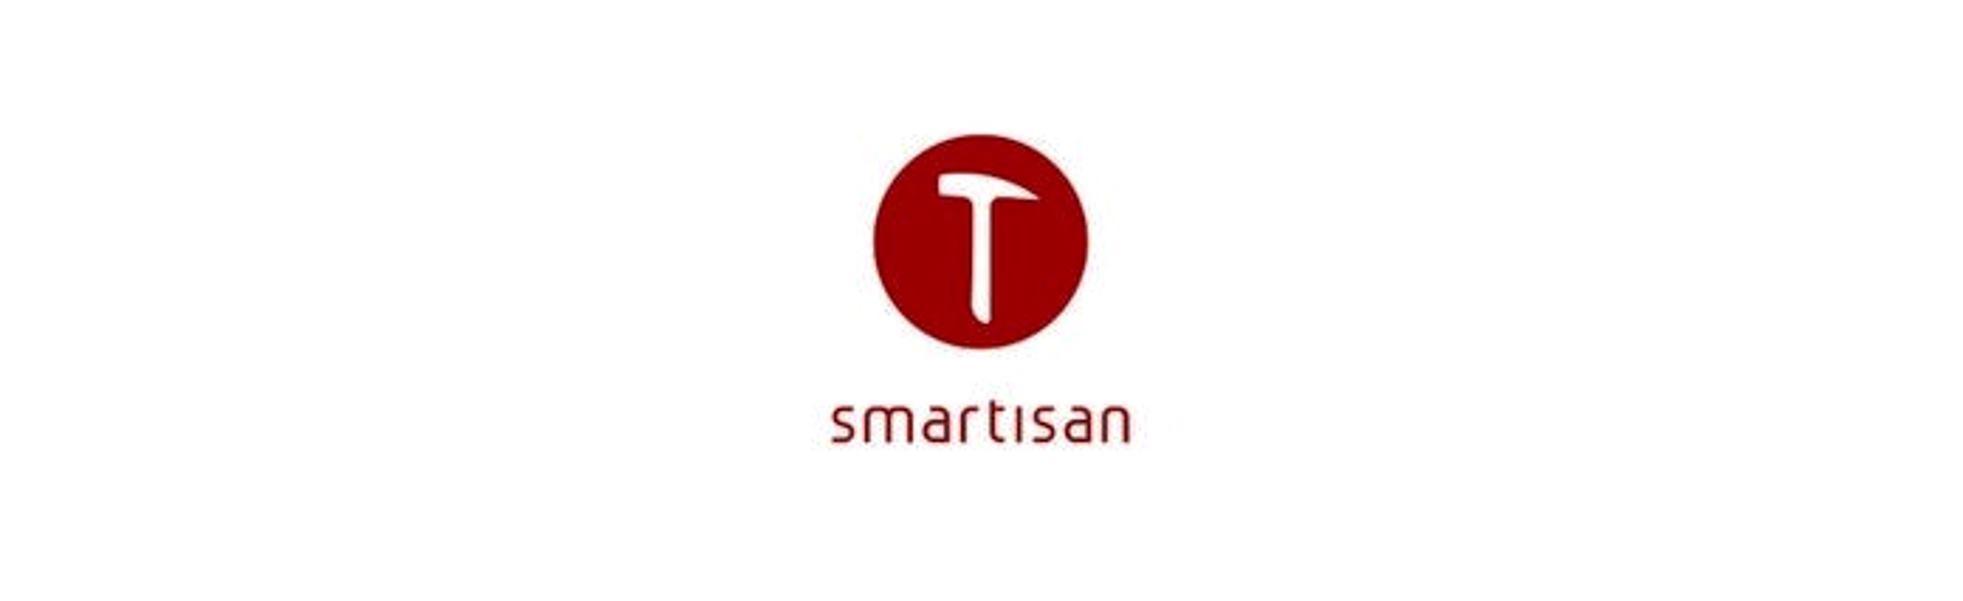 Smartisan Nut Pro 3 pomalu přichází